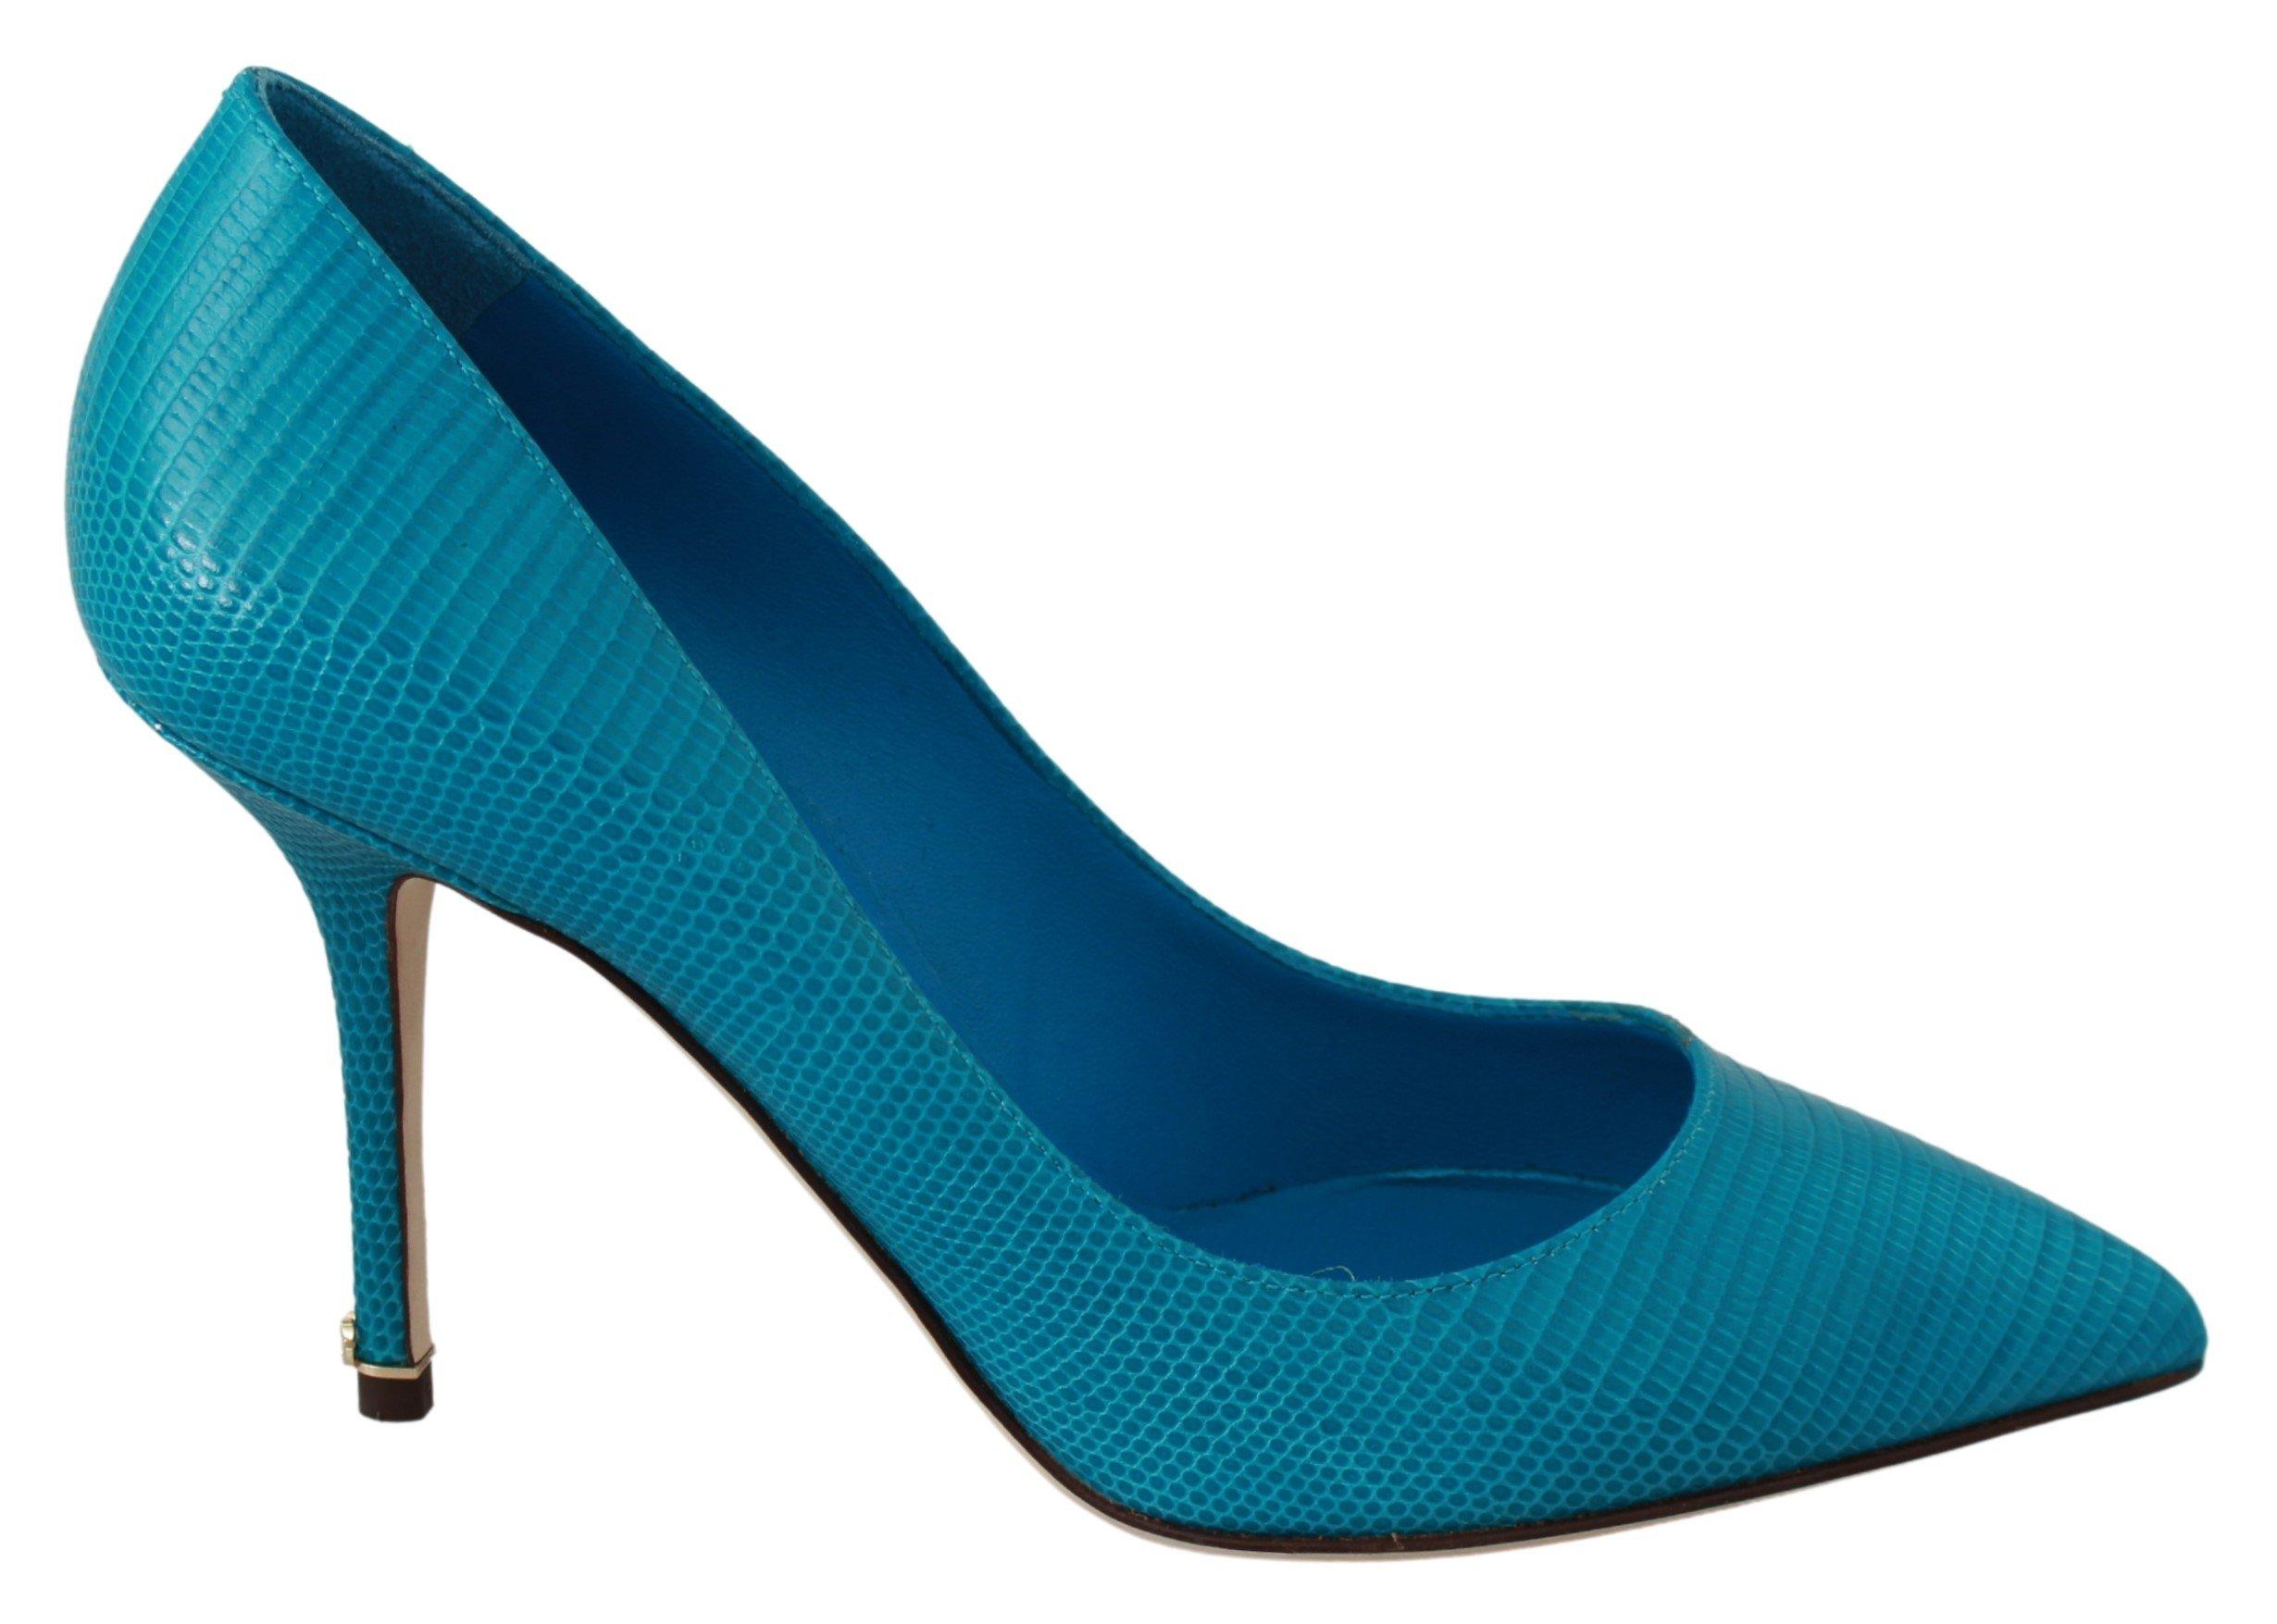 Dolce & Gabbana Women's Leather Classic Heels Pumps Shoes Blue LA6520 - EU35.5/US5